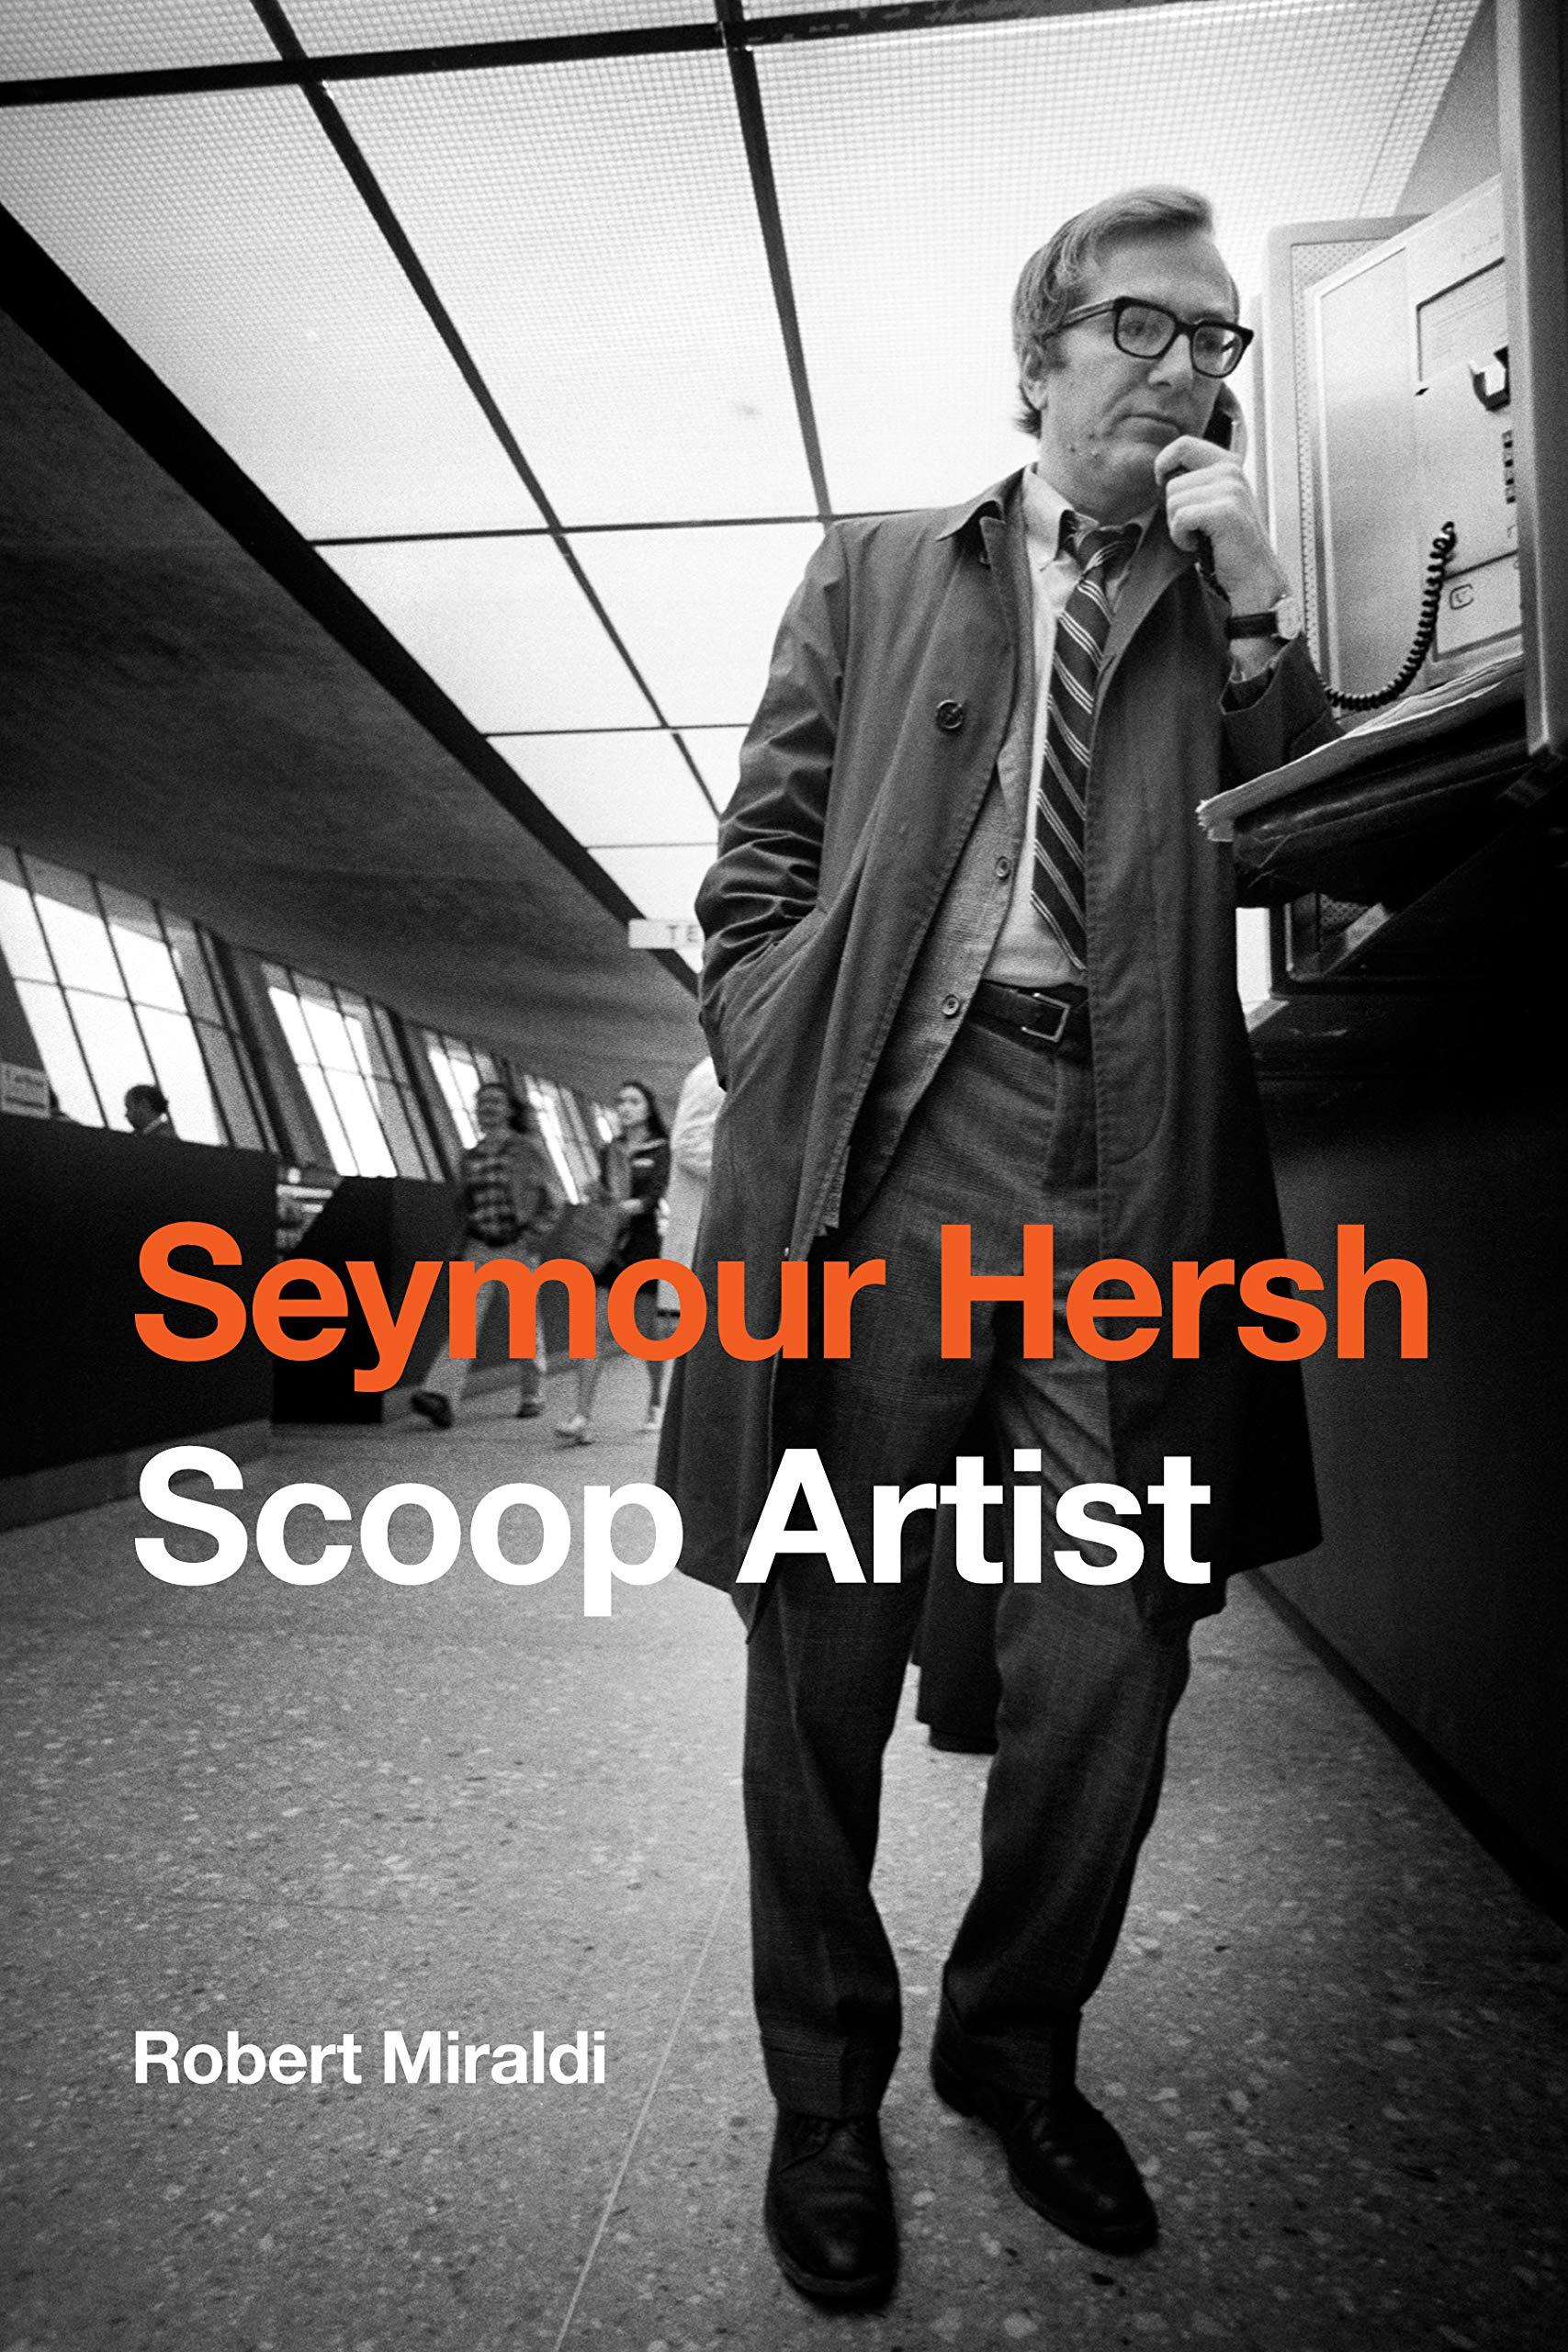 Seymour Hersh - Scoop Artist